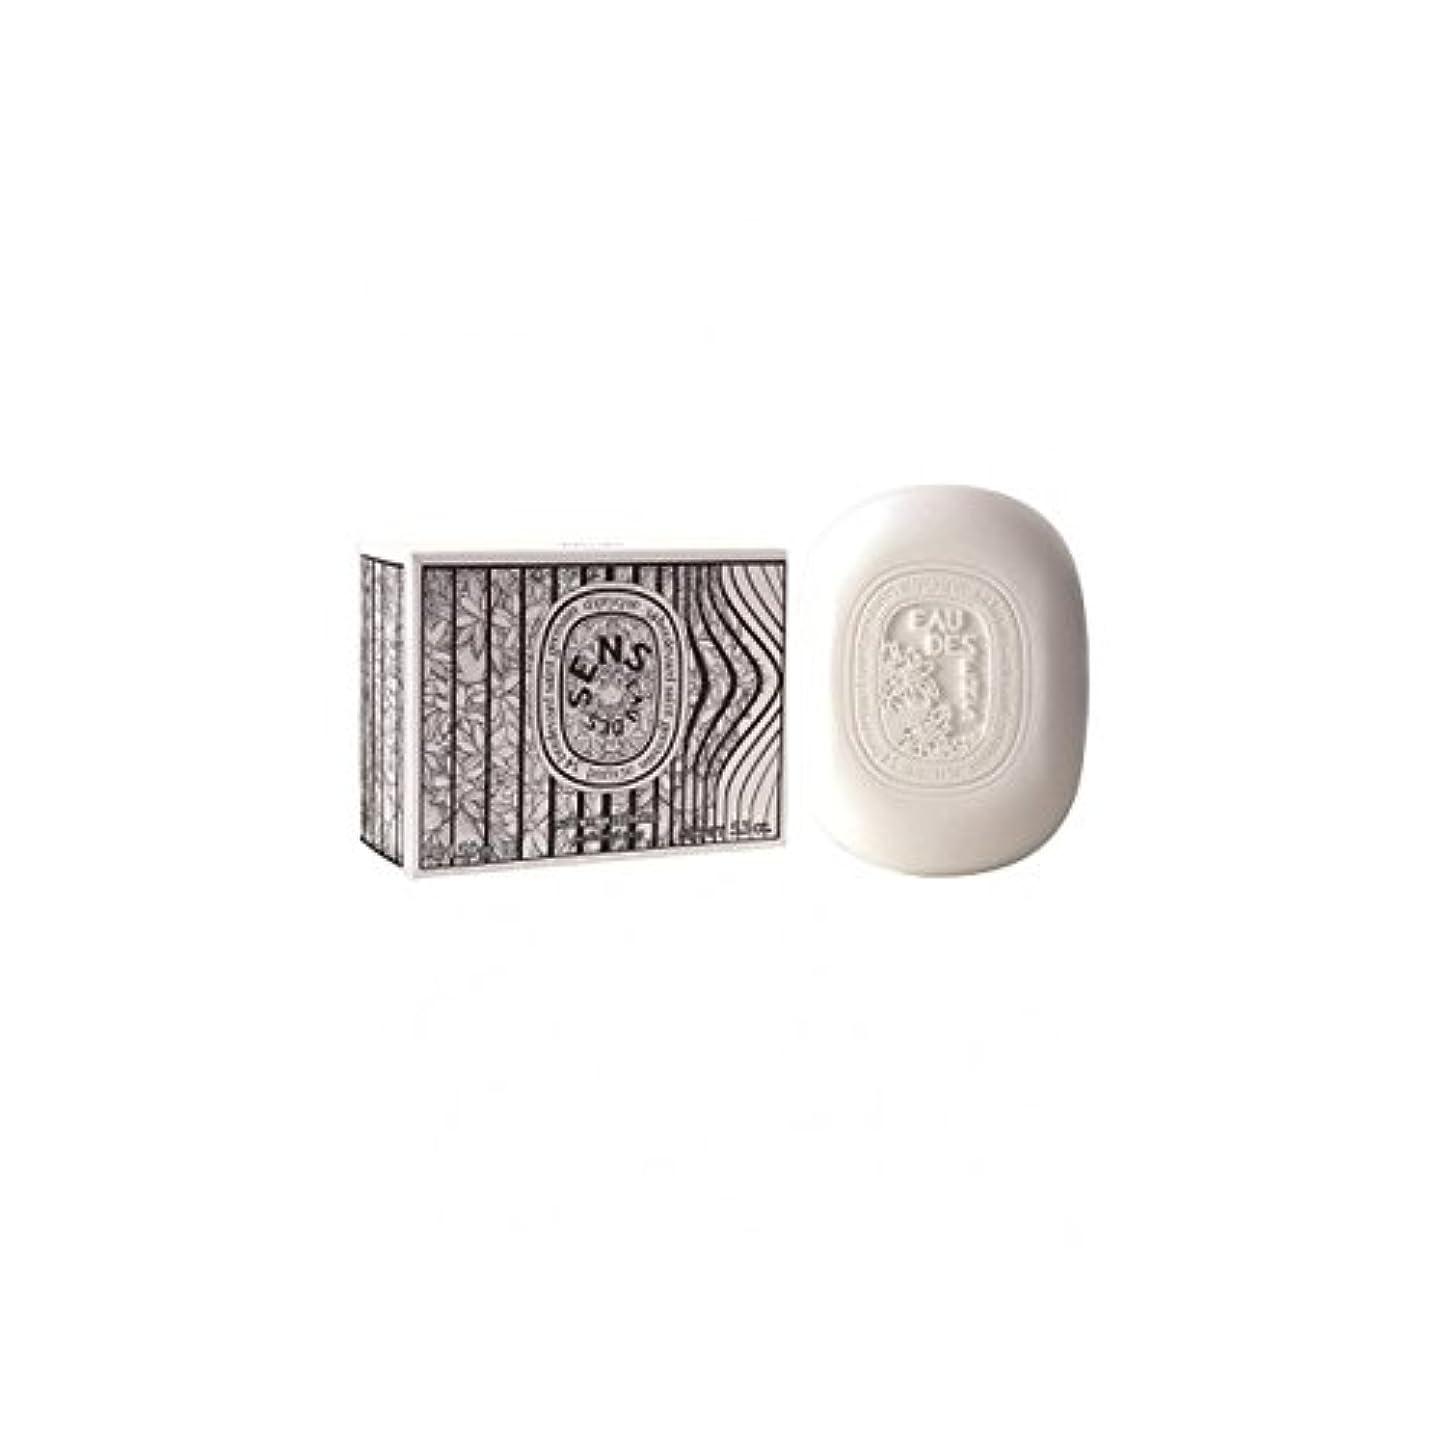 屋内消費する異邦人Diptyqueのオーデは石鹸の150グラムをSens - Diptyque Eau Des Sens Soap 150g (Diptyque) [並行輸入品]